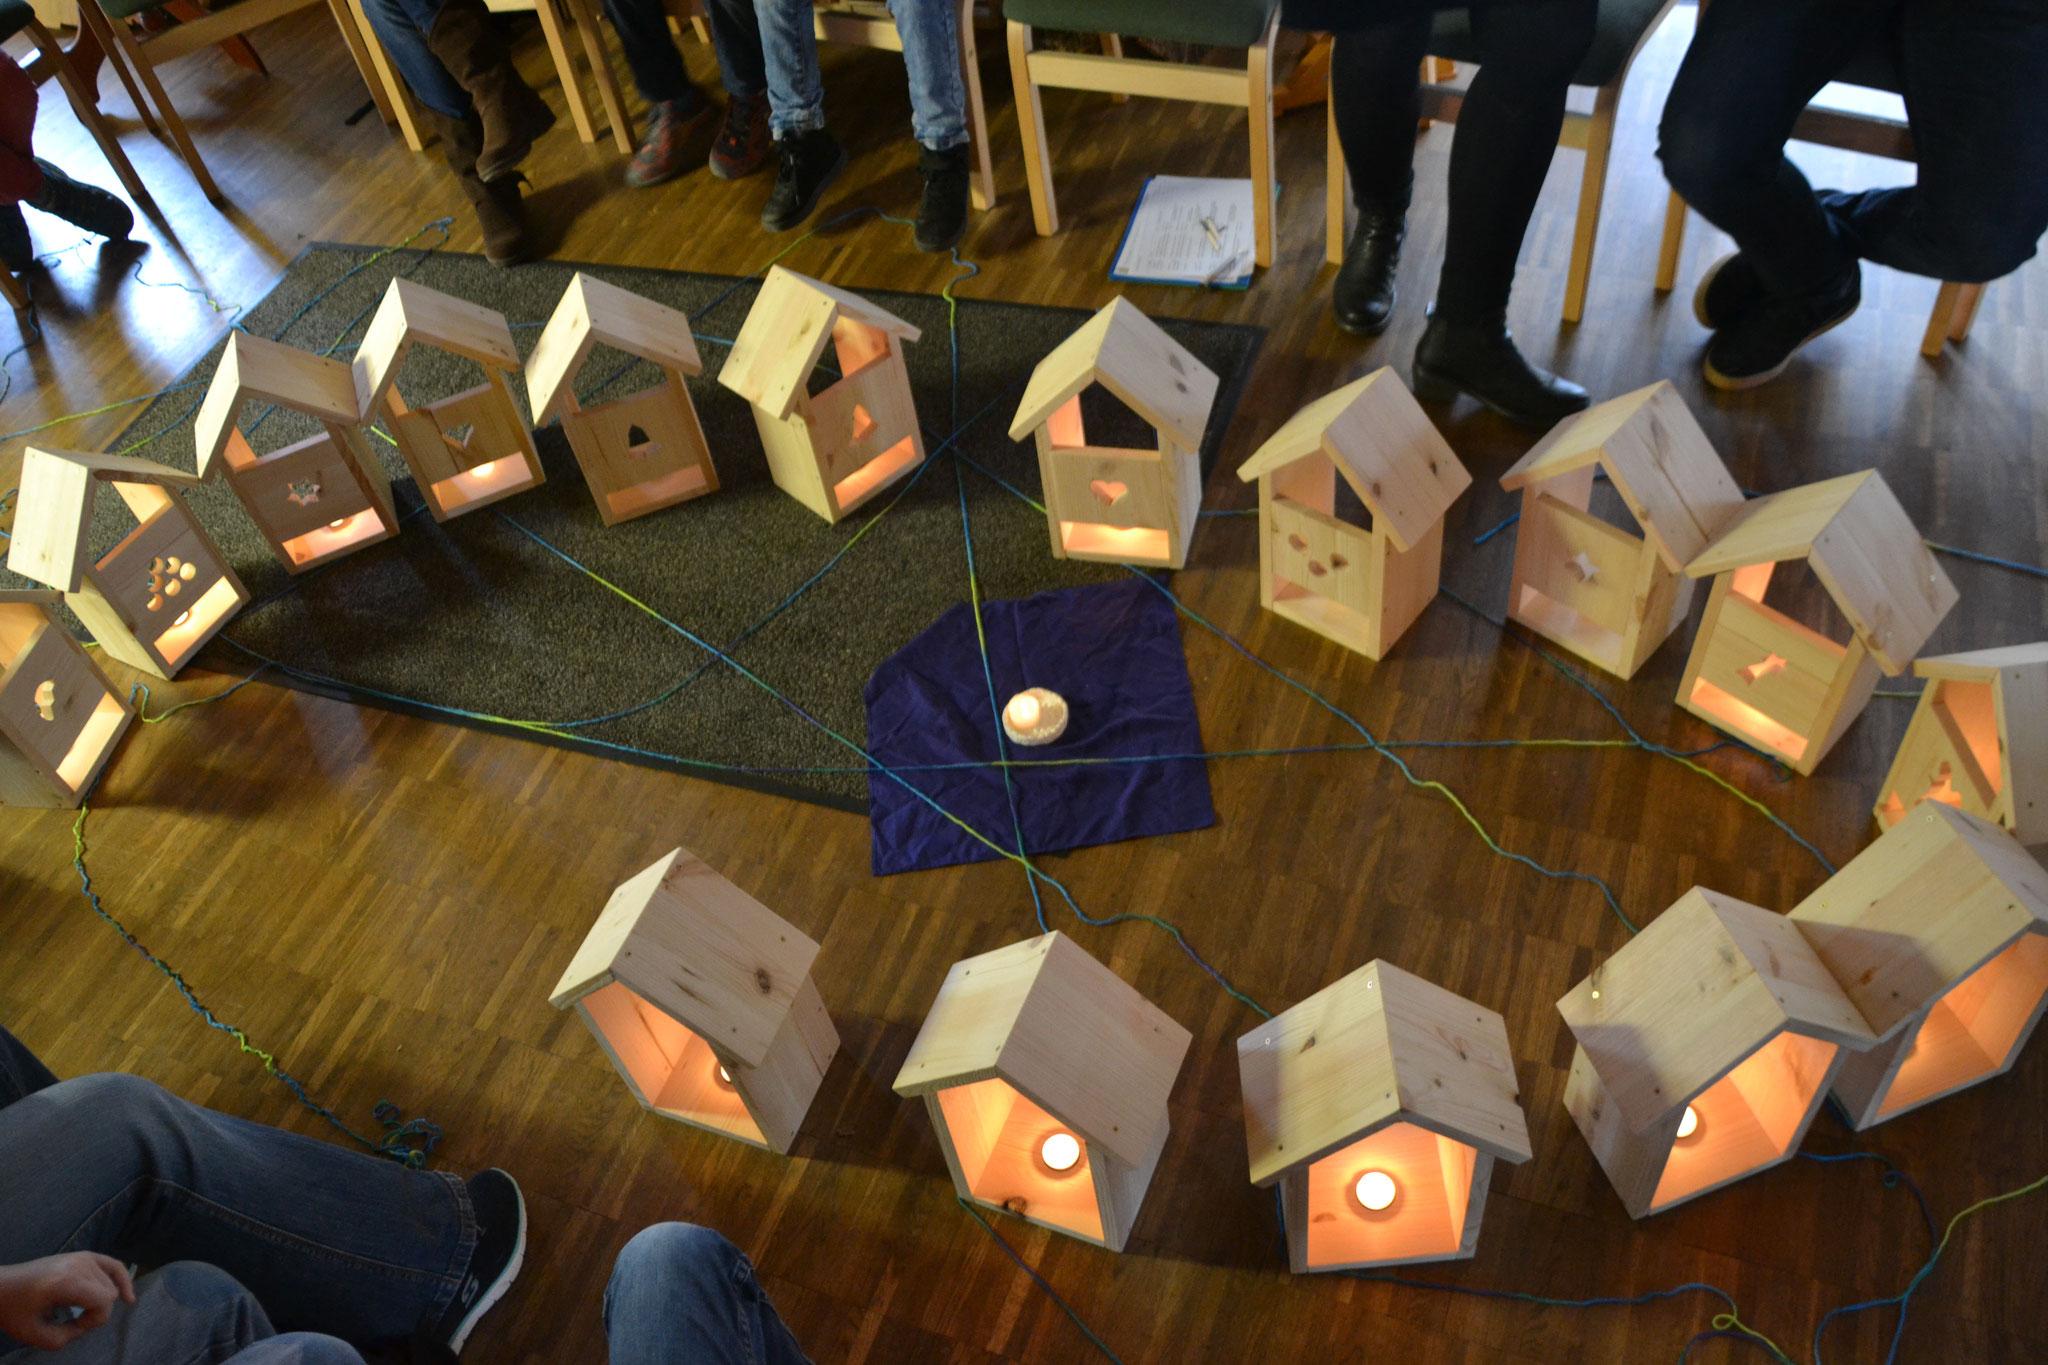 Jesus wo wohnst du? - Werktag der Kommunionkinder im Holz-Technik-Museum Wißmar